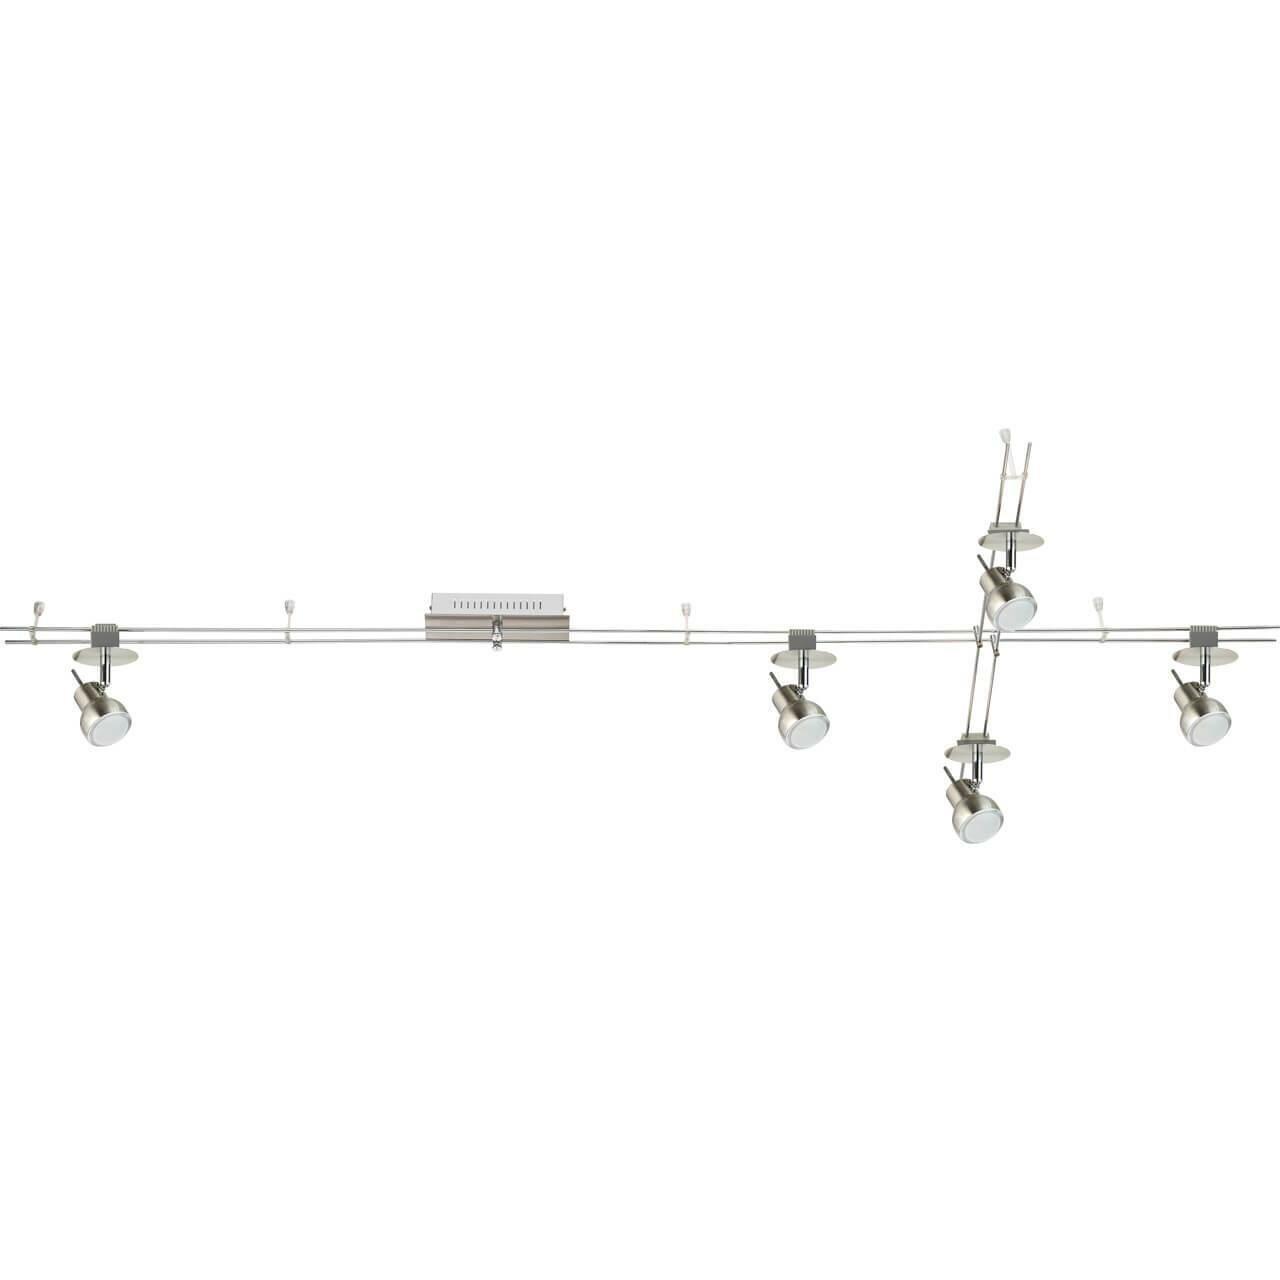 Трековая светодиодная система De Markt Трек-система 550011605